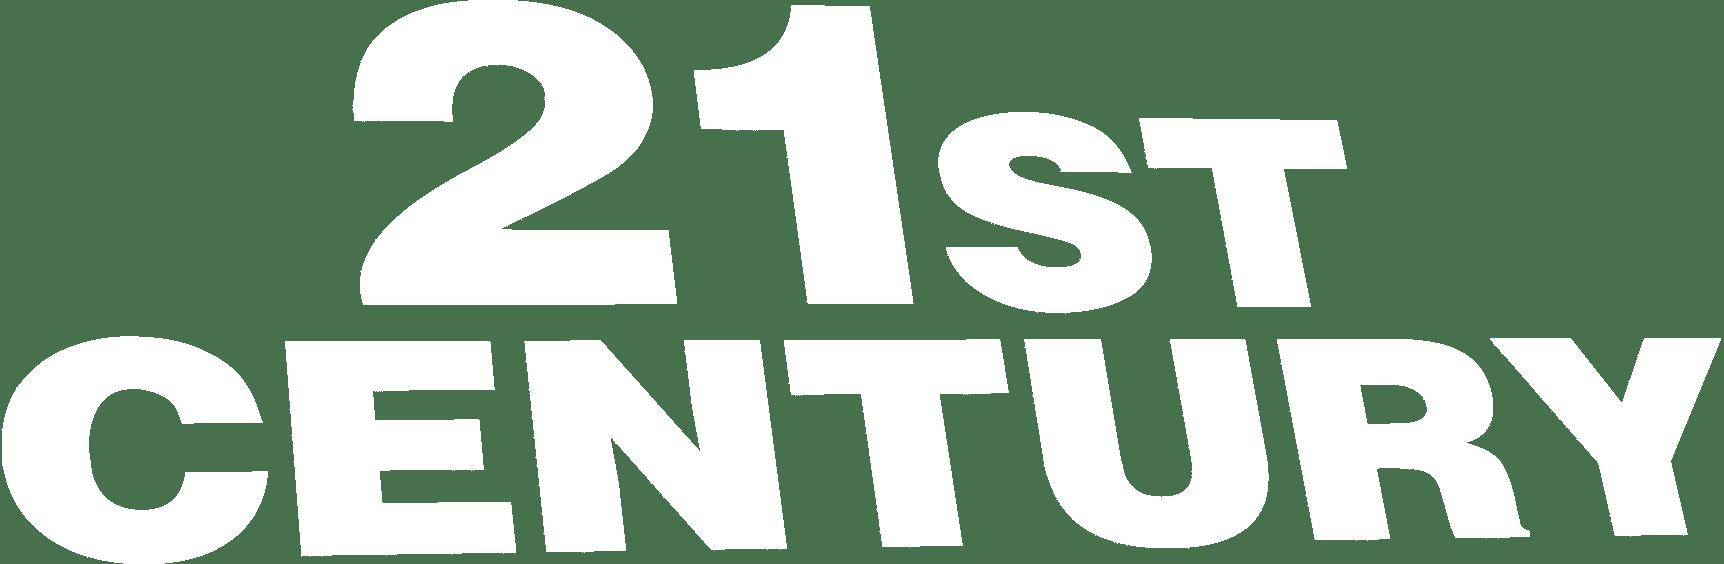 21st Century Self Storage – Poulton-le-Fylde